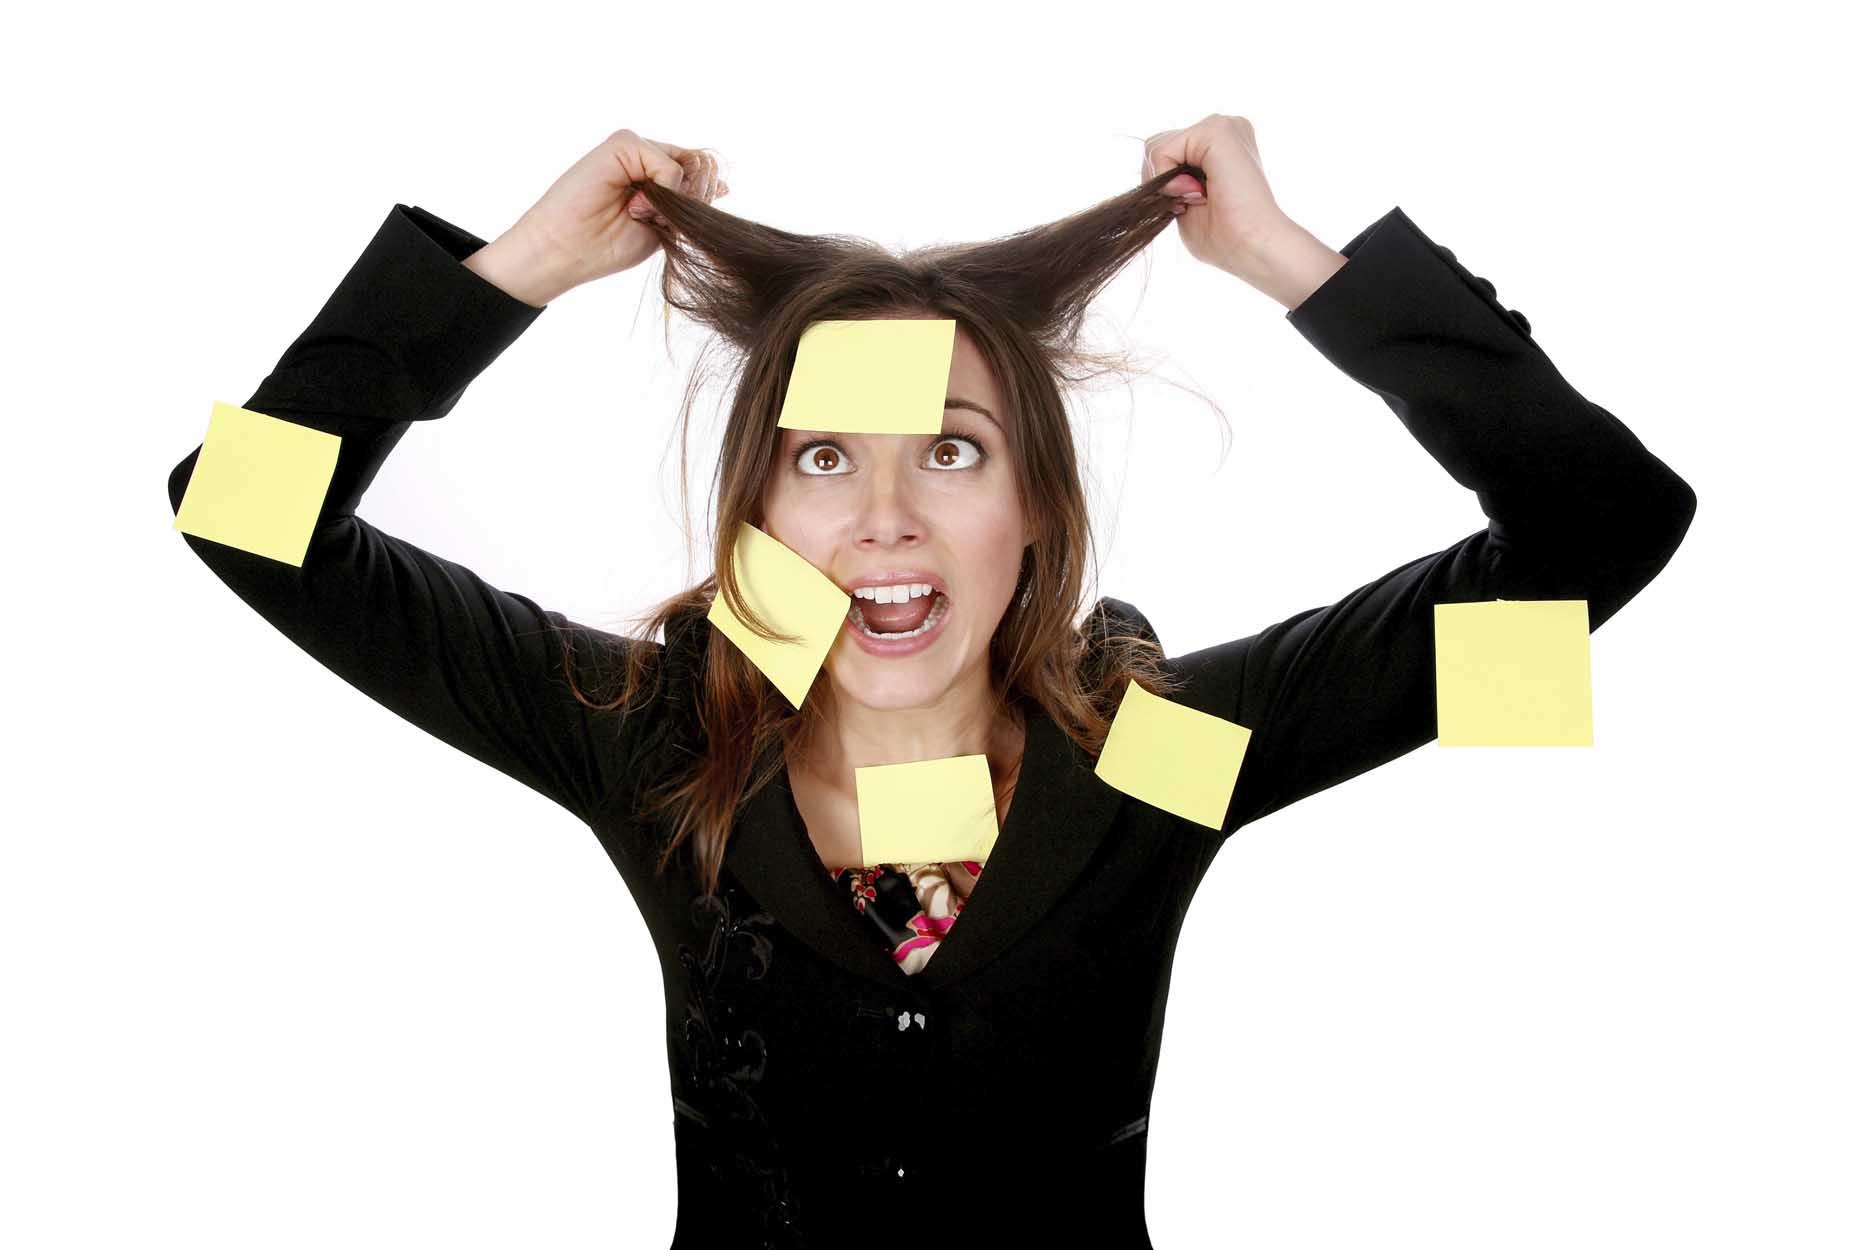 İş stresinin insan həyatına təsirləri